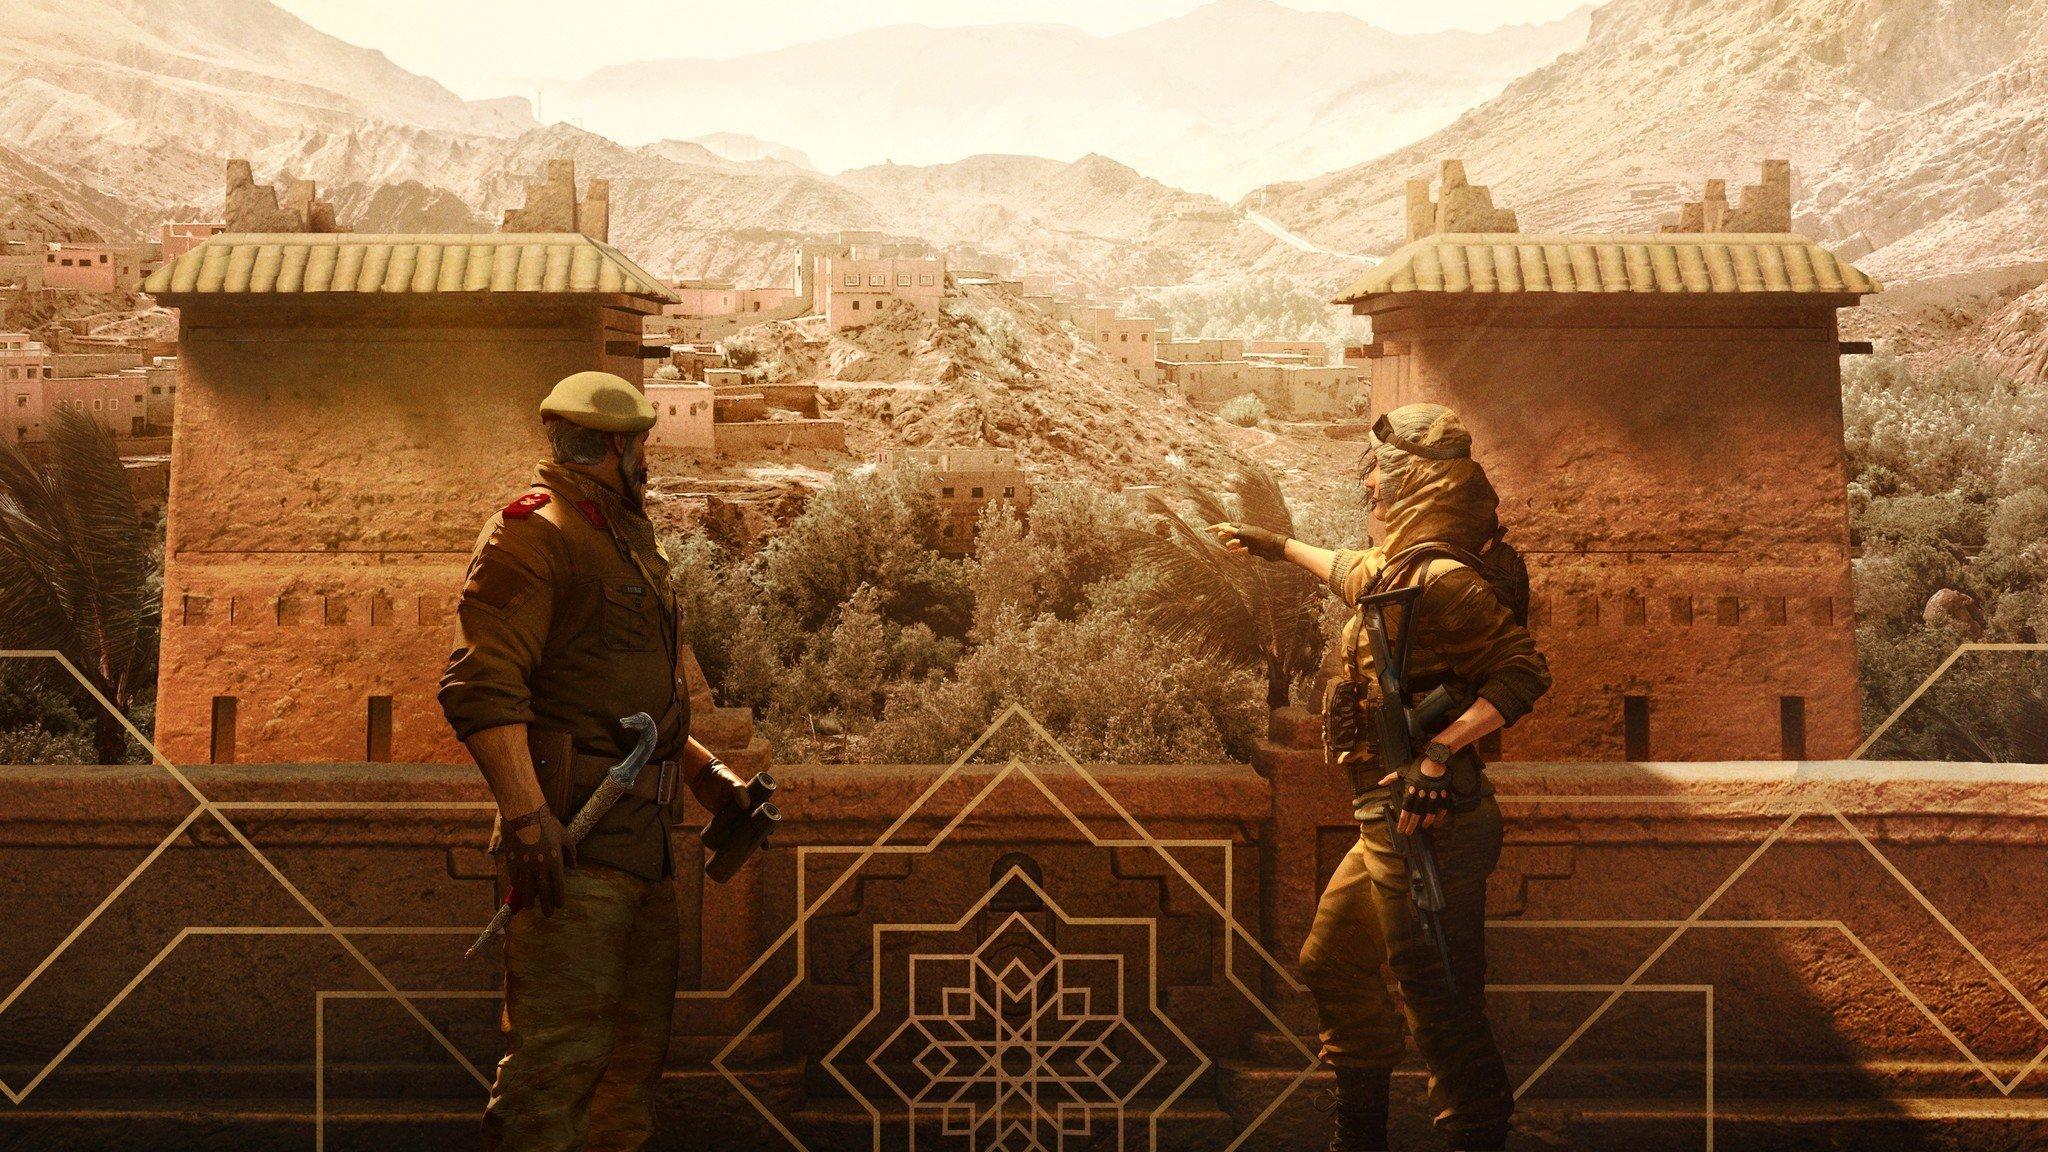 Rainbow Six Siege Kaid And Nomad Operators Leak Ahead